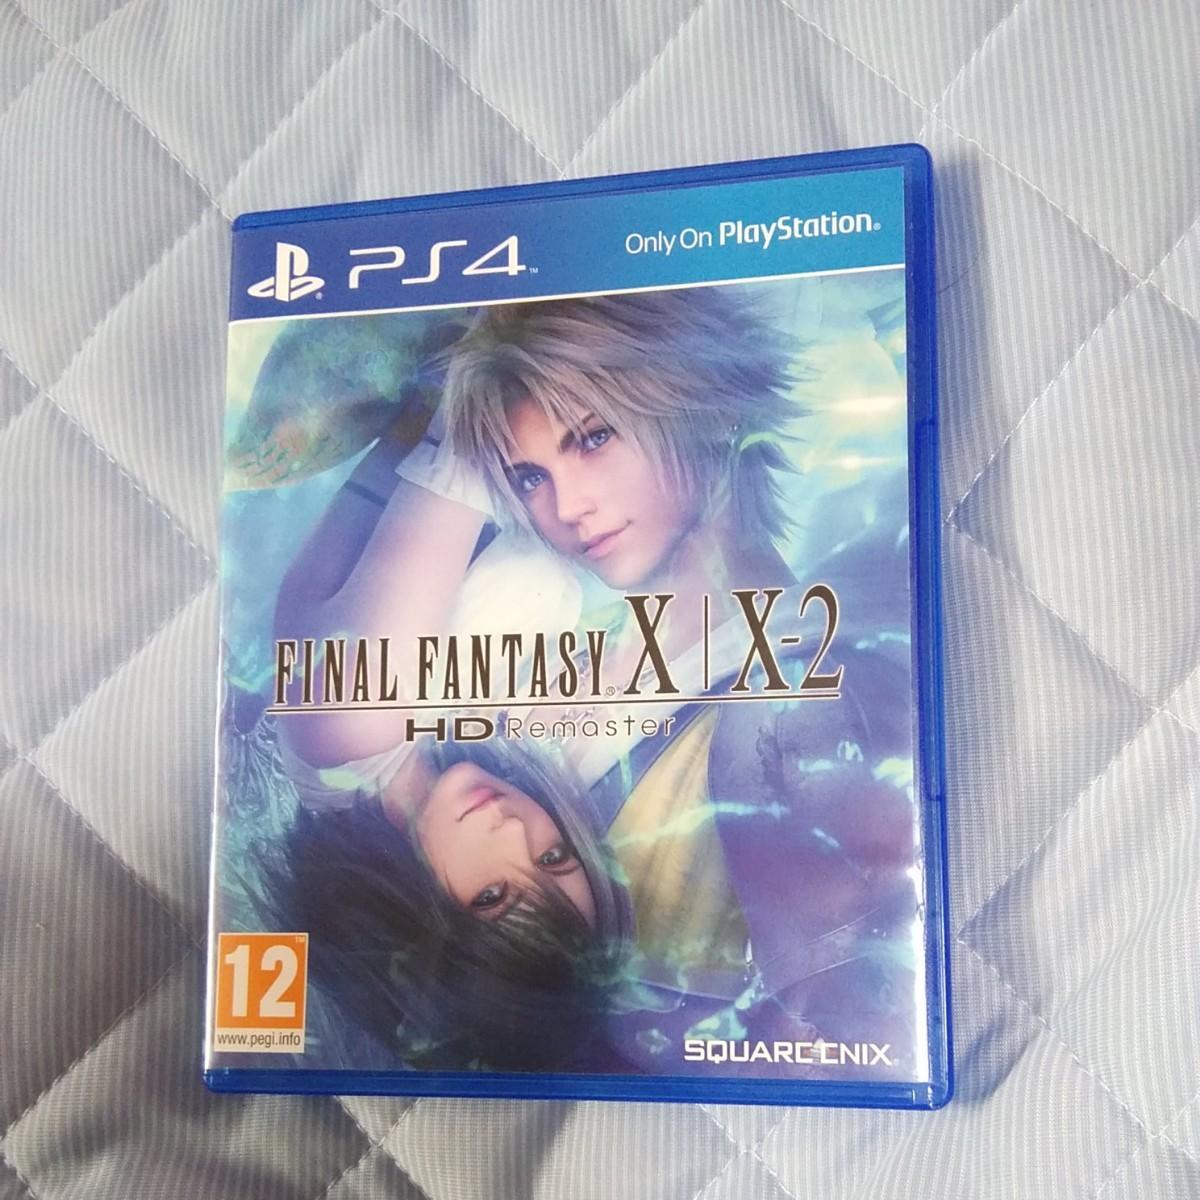 HD Remaster ファイナルファンタジー X/X-2 PS4 輸入版